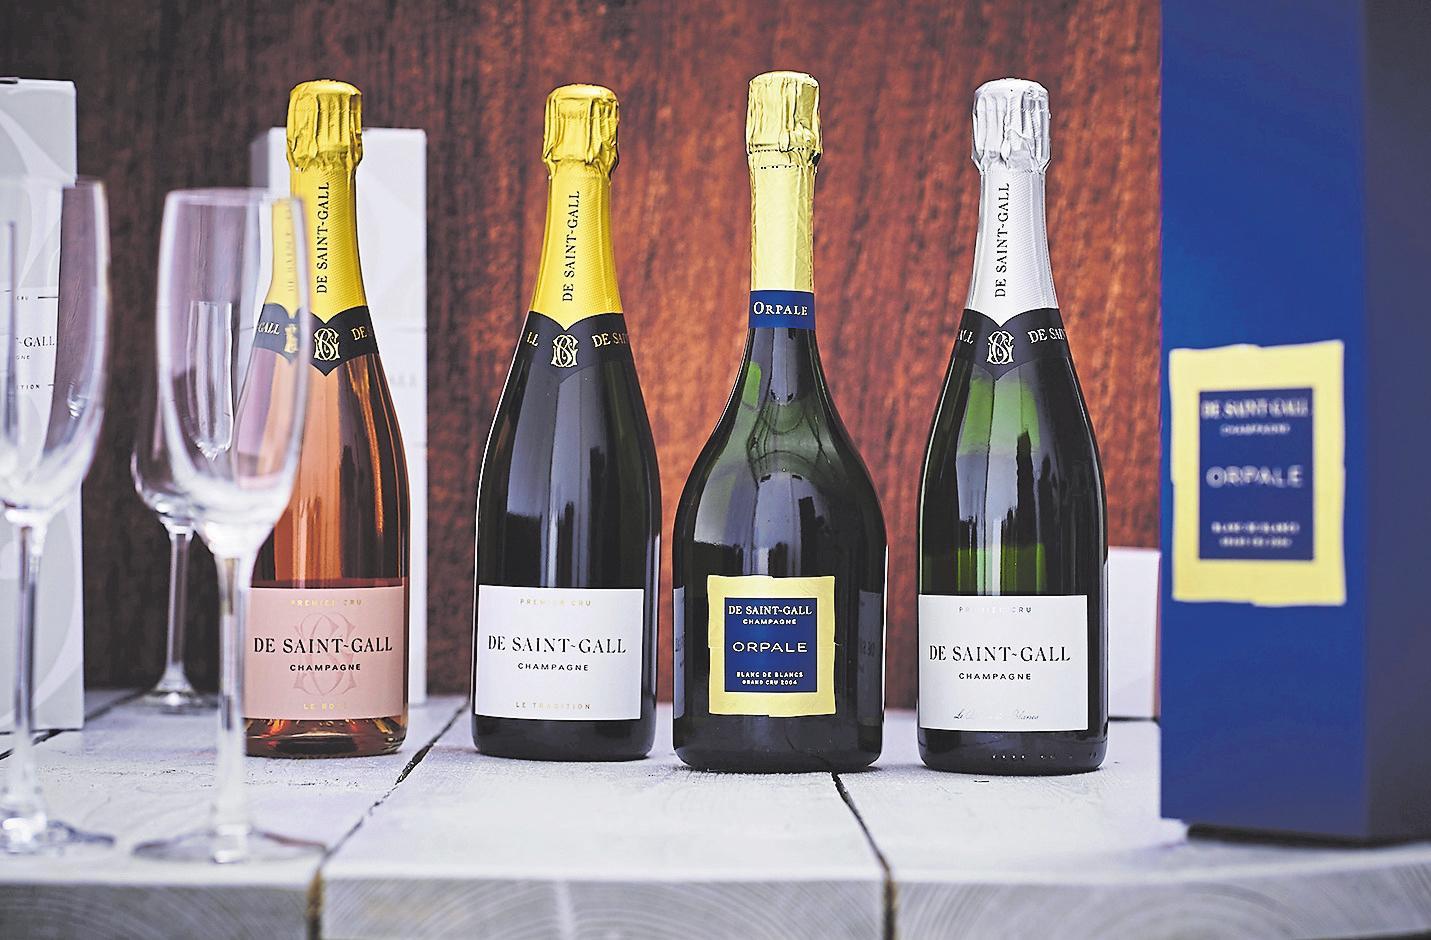 Unter der Marke De Saint-Gall werden vier Grand-Cru- und PremierCru-Champagner angeboten. Foto: Cactus